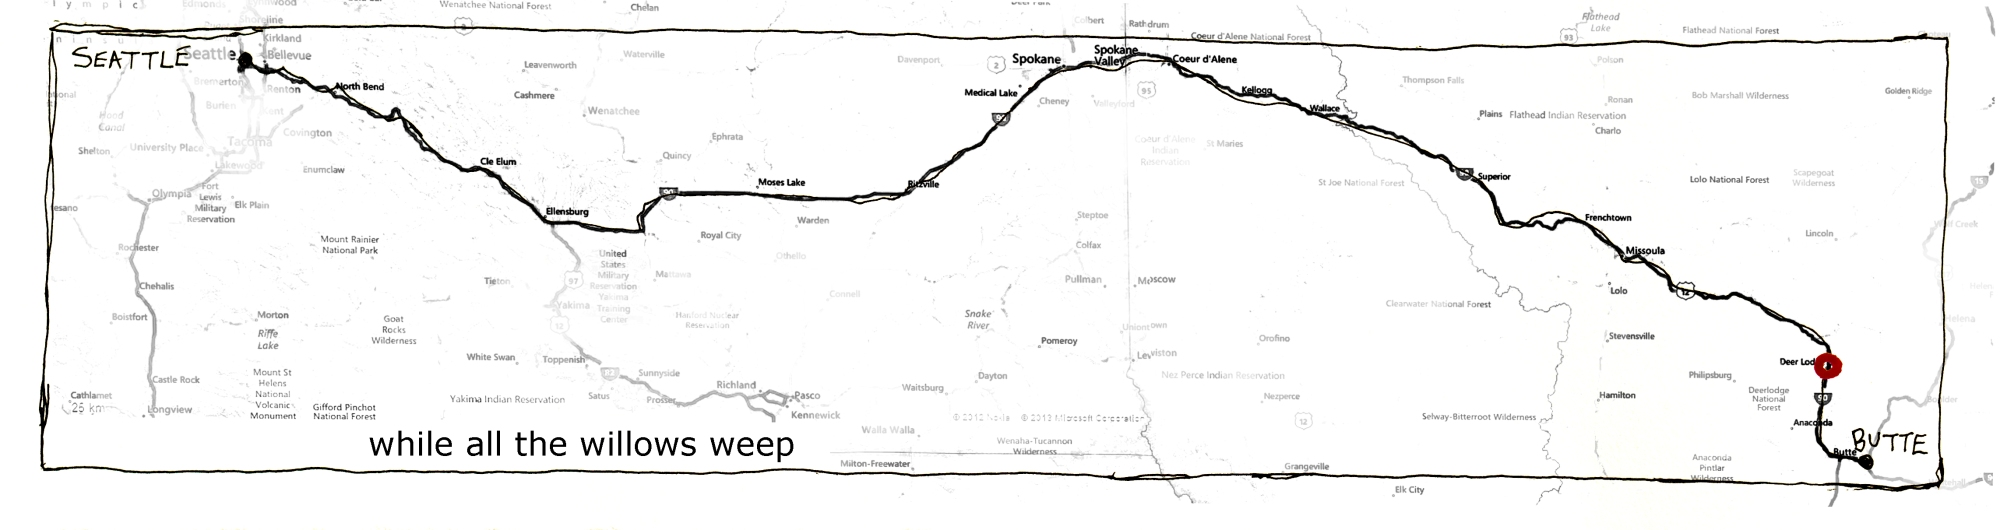 520 map